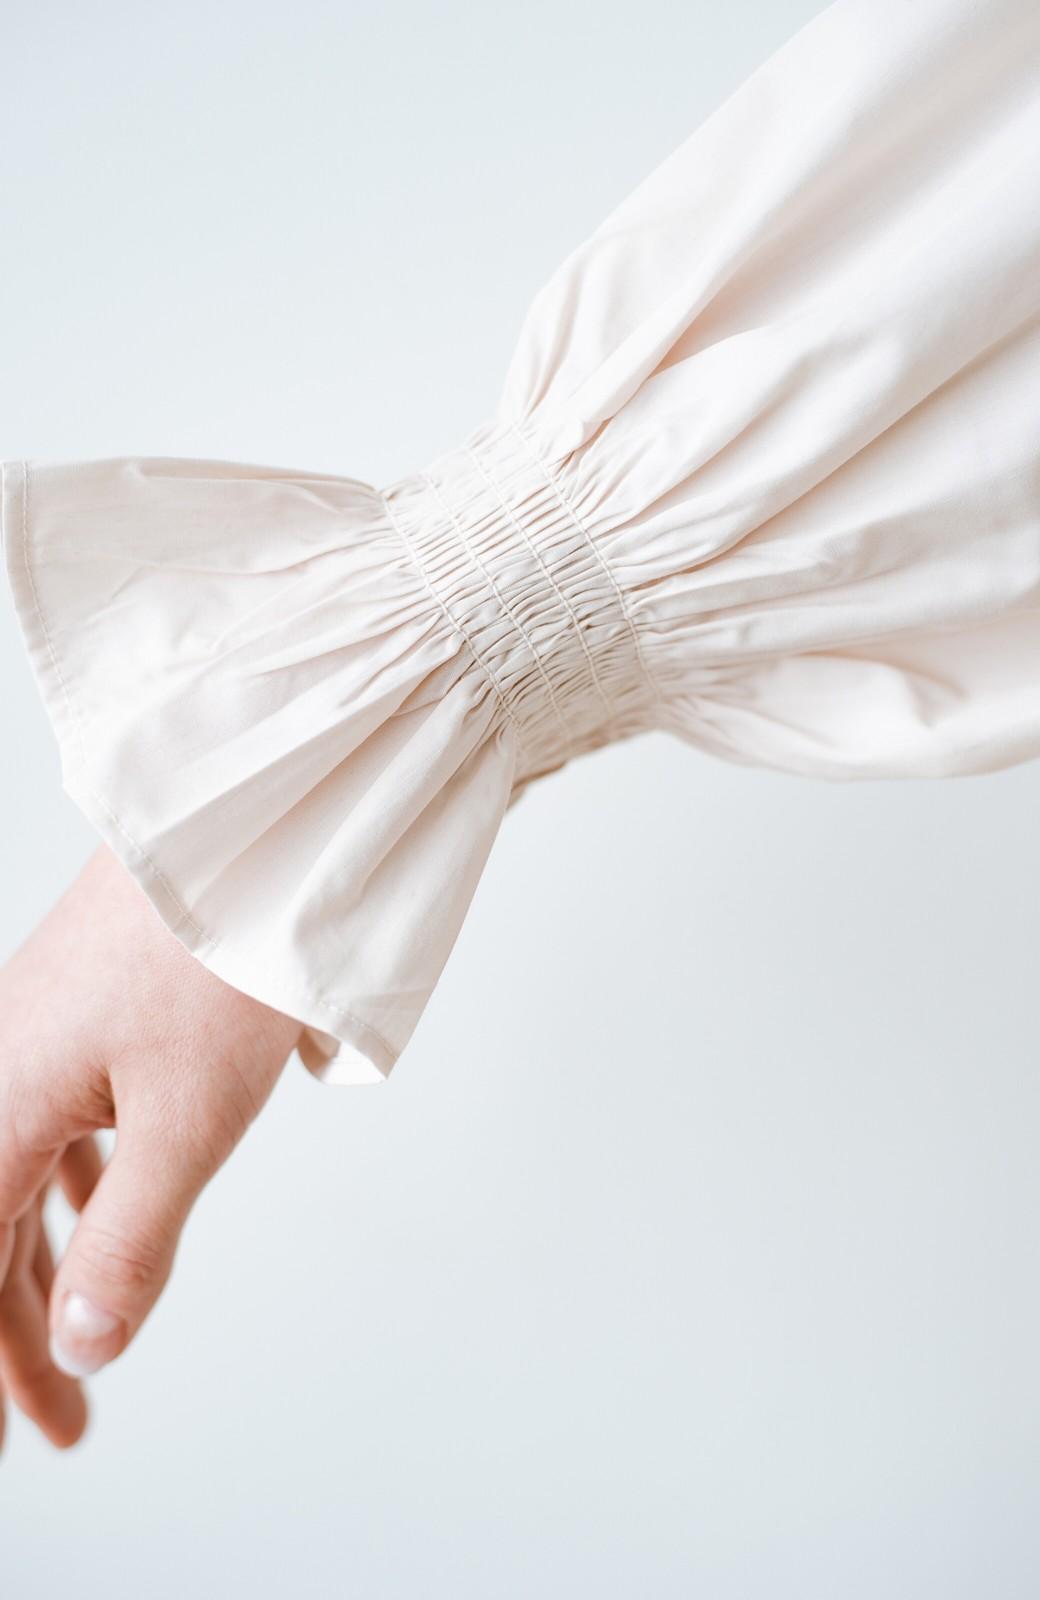 haco! パッと着るだけで新鮮&おしゃれ見え!ゆるめサイズが今っぽいチャイナボタンブラウス <ライトベージュ>の商品写真6